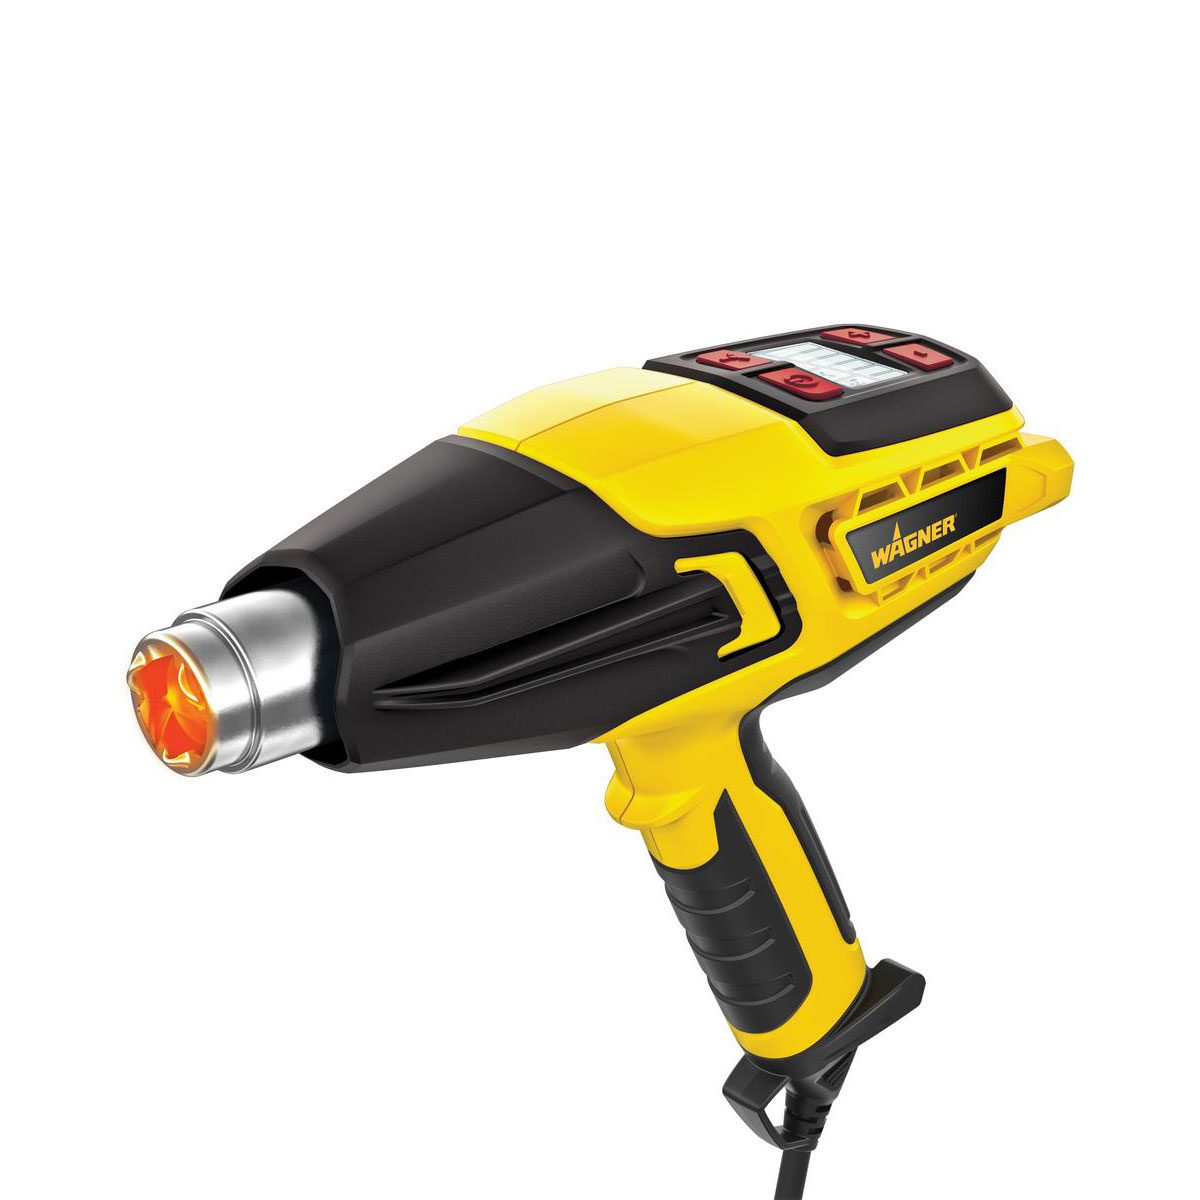 Paint Stripper Wagner Heat Guns 0503063 64 1000